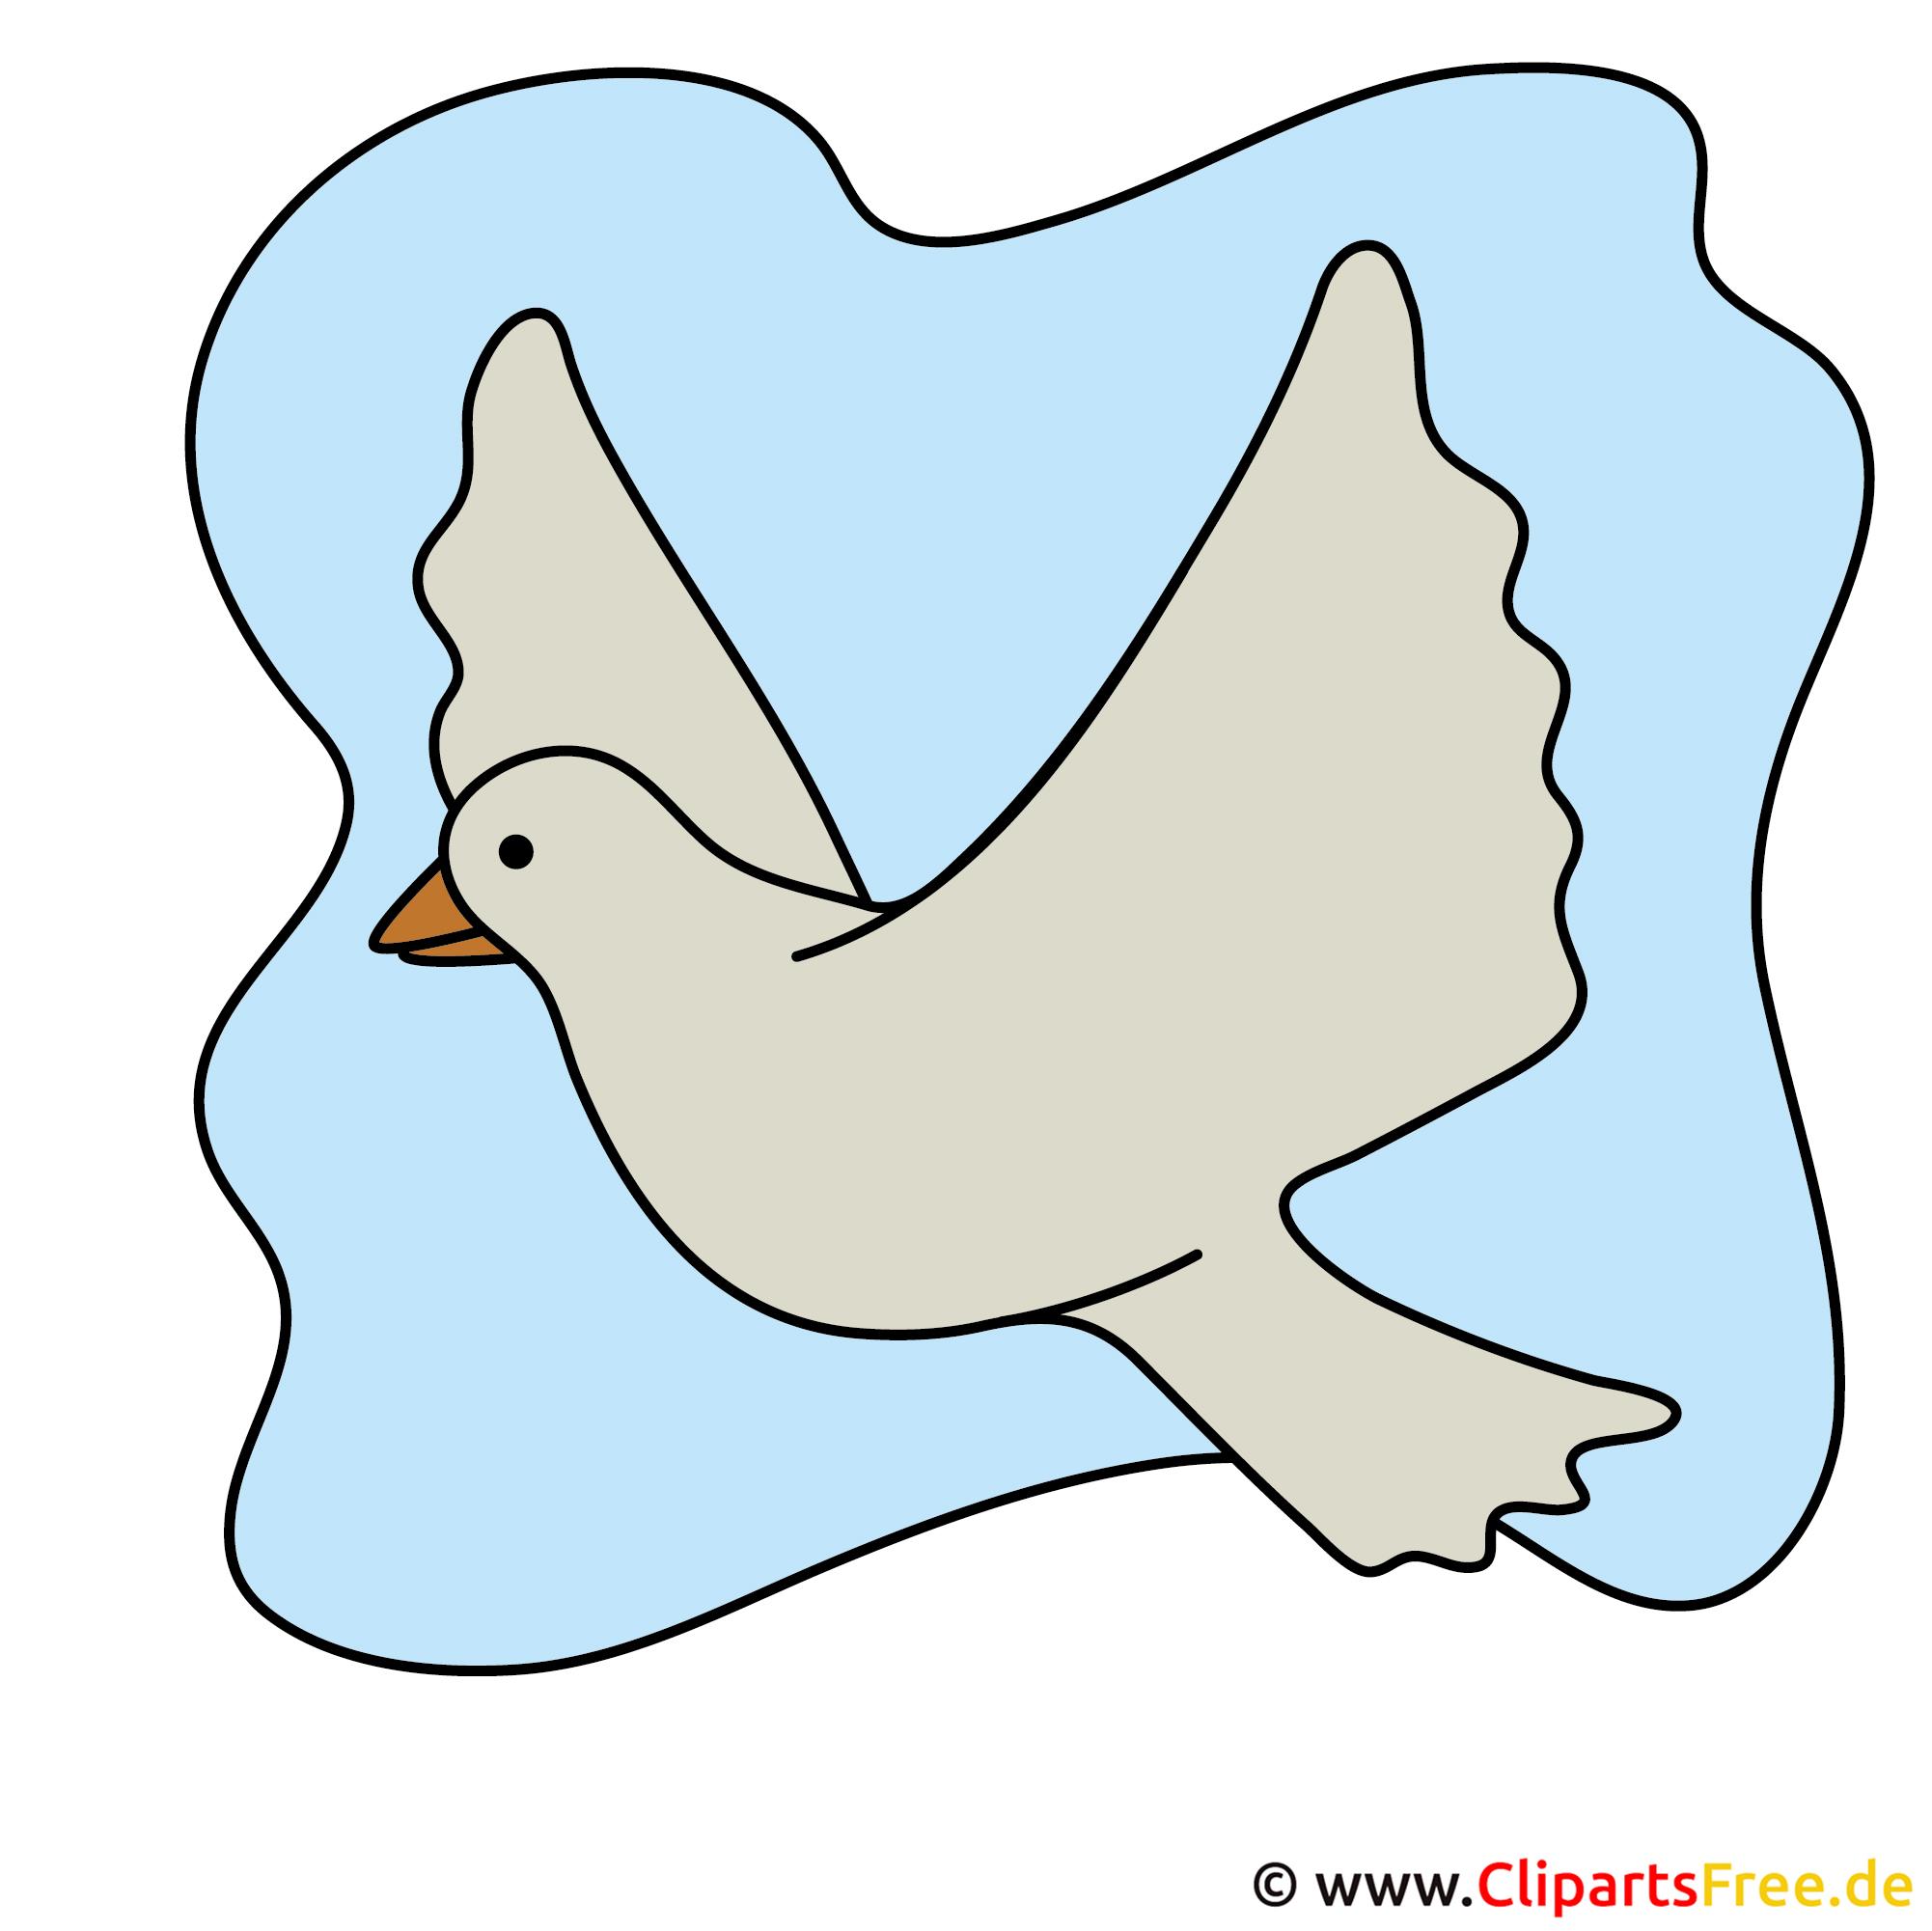 Einladung zur Kommunion mit  Cliparts selbst gestalten - Taube Bild